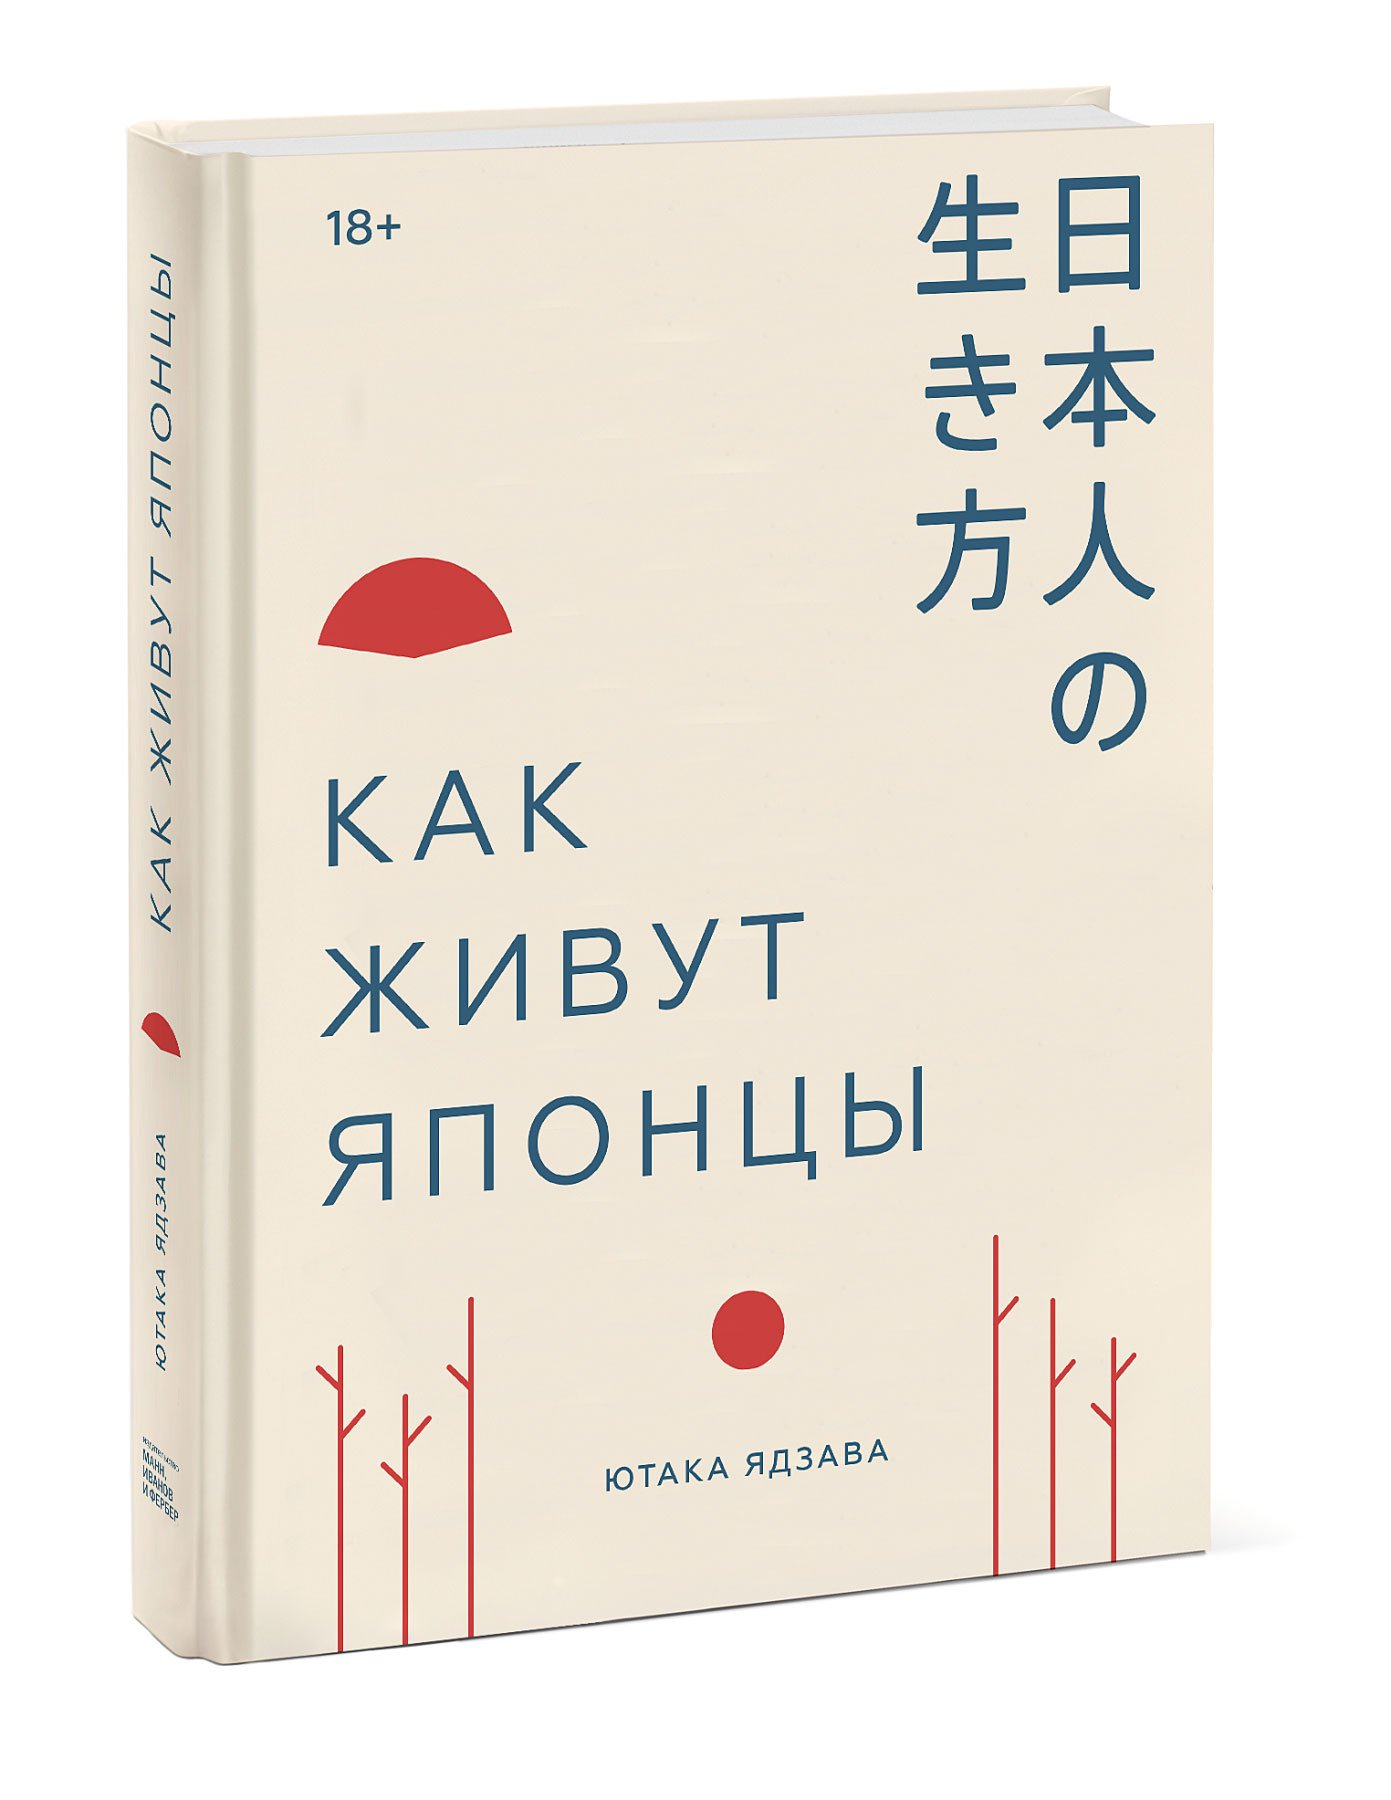 Как живут японцы. Ютака Ядзава